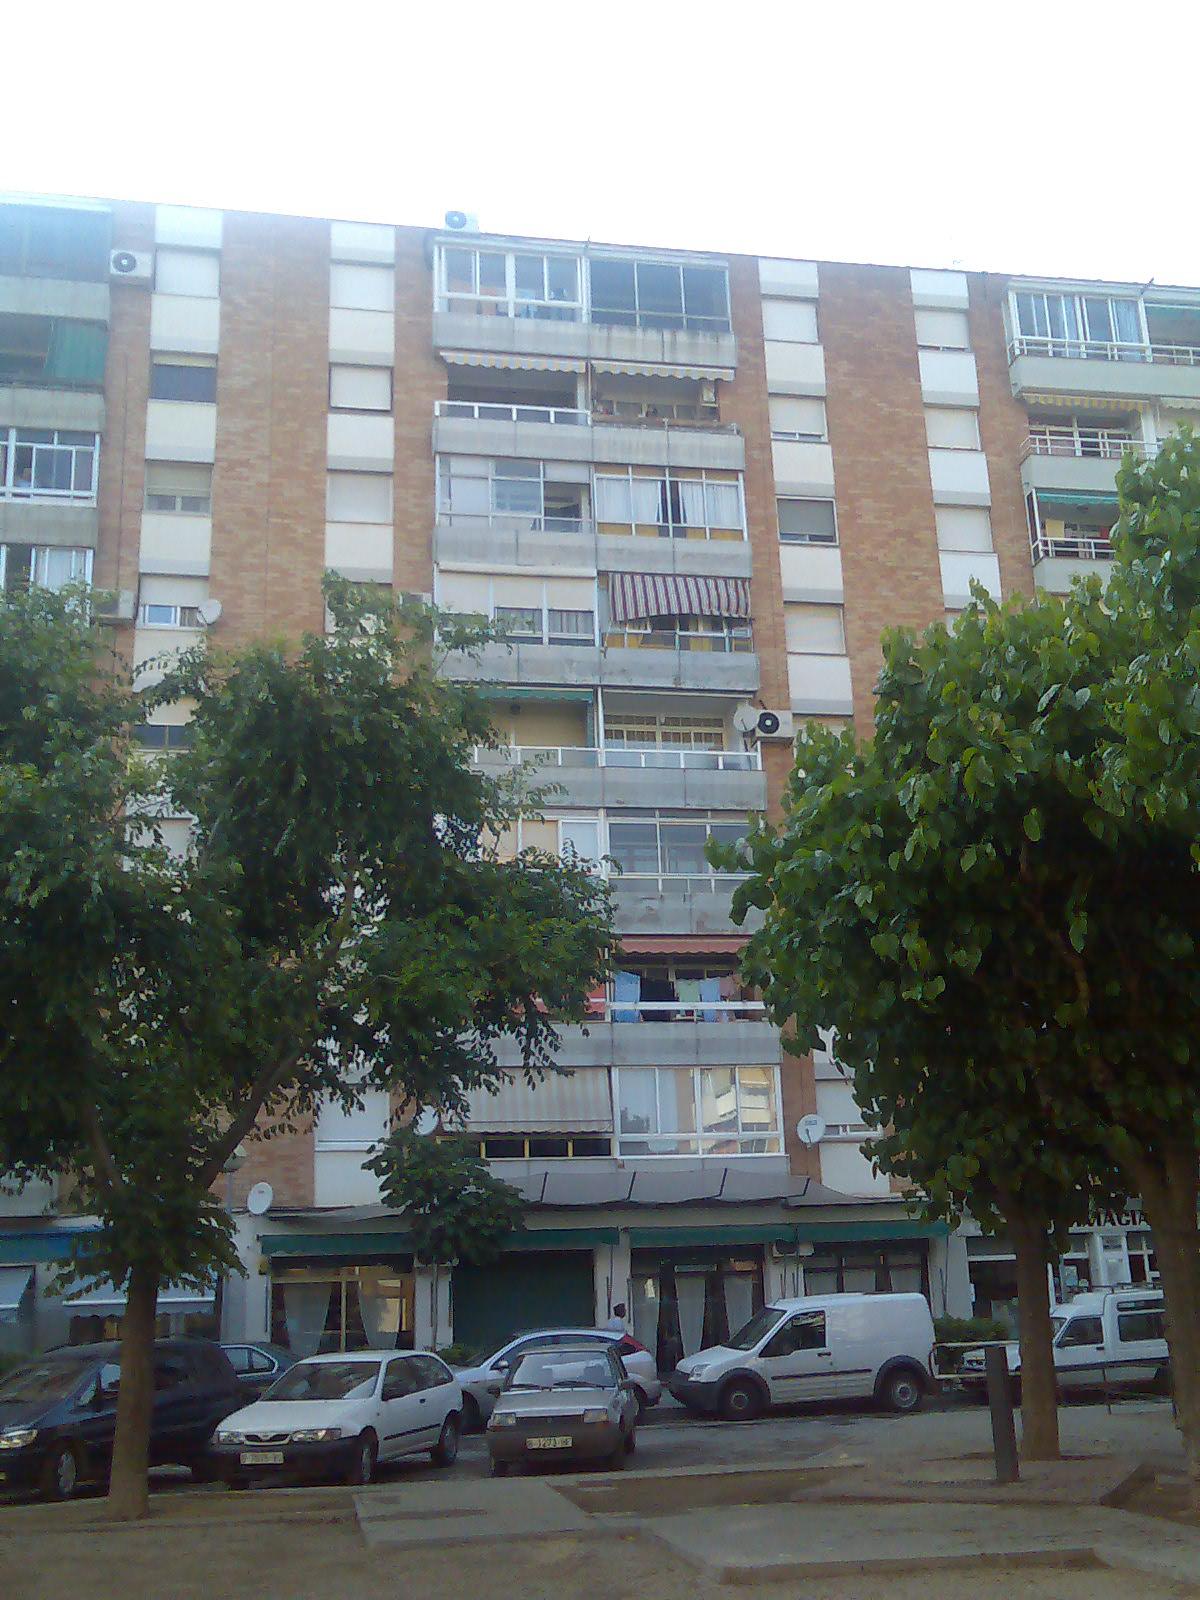 Edificio plurifamiliar fachada – Viladecans